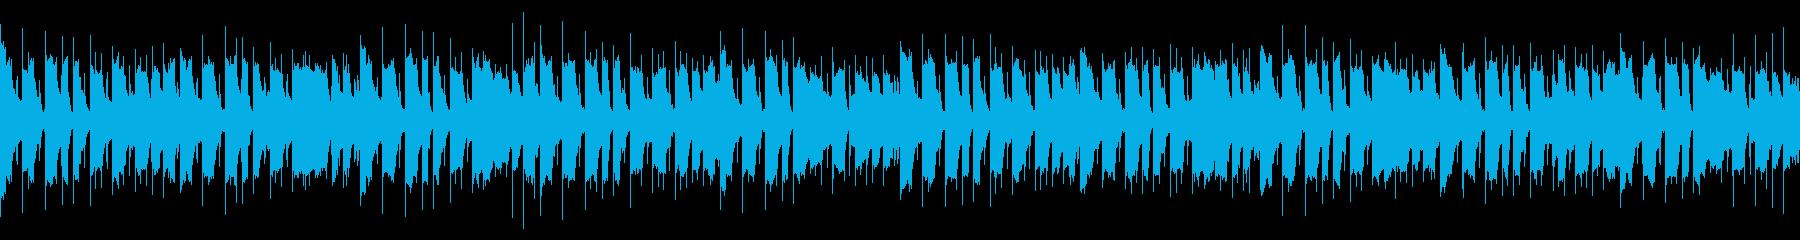 【ループ仕様】コミカルな曲 口笛 木琴の再生済みの波形